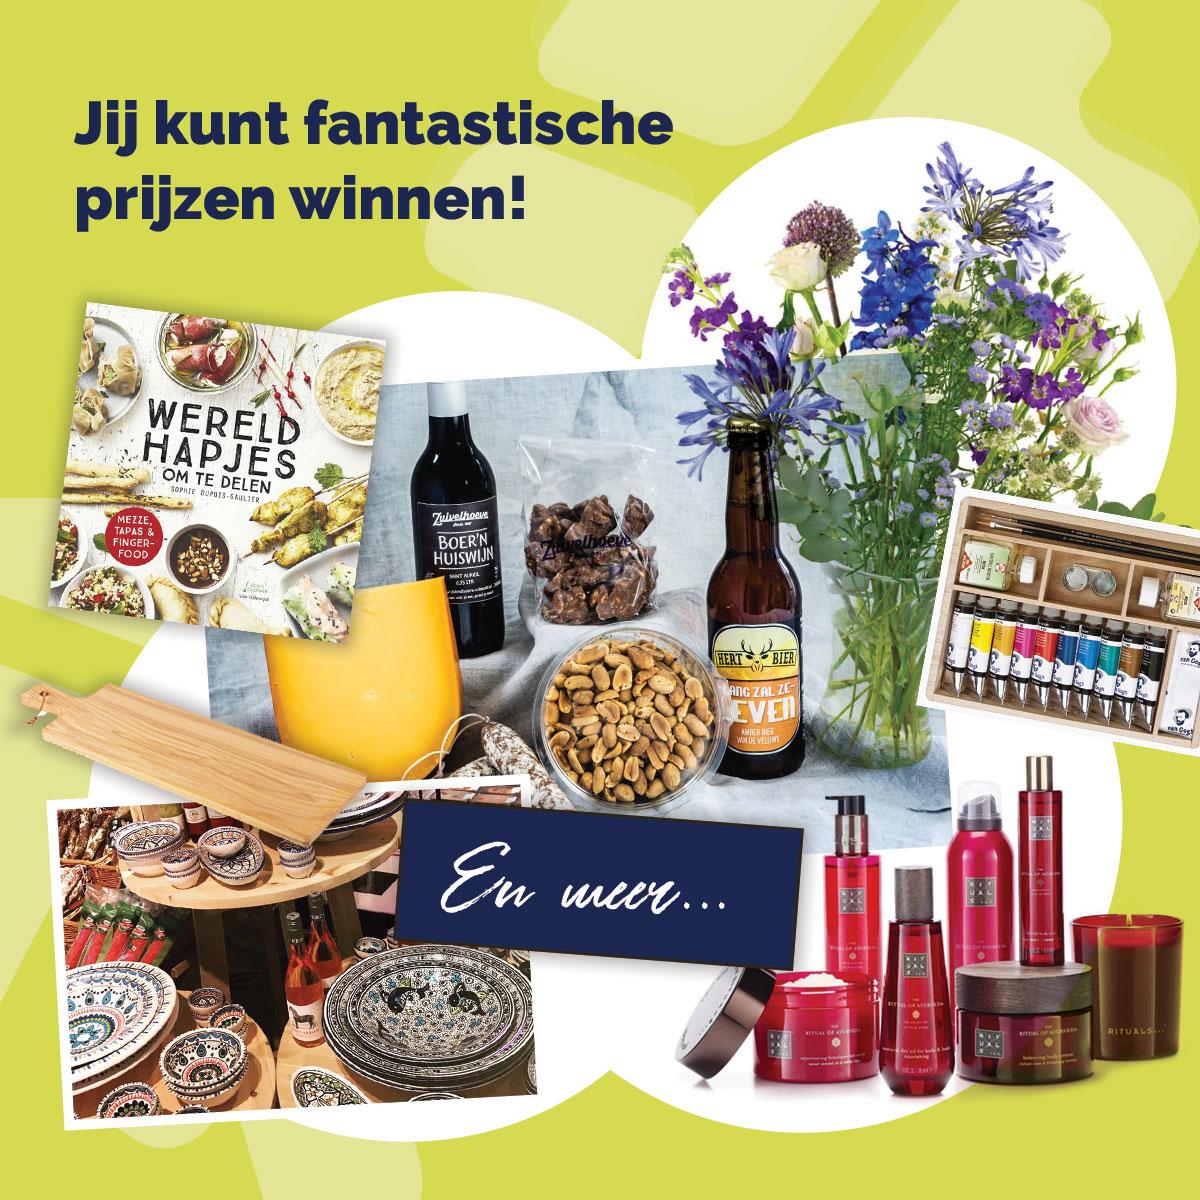 WCZ_some_mei_moederdag_prijzen_def